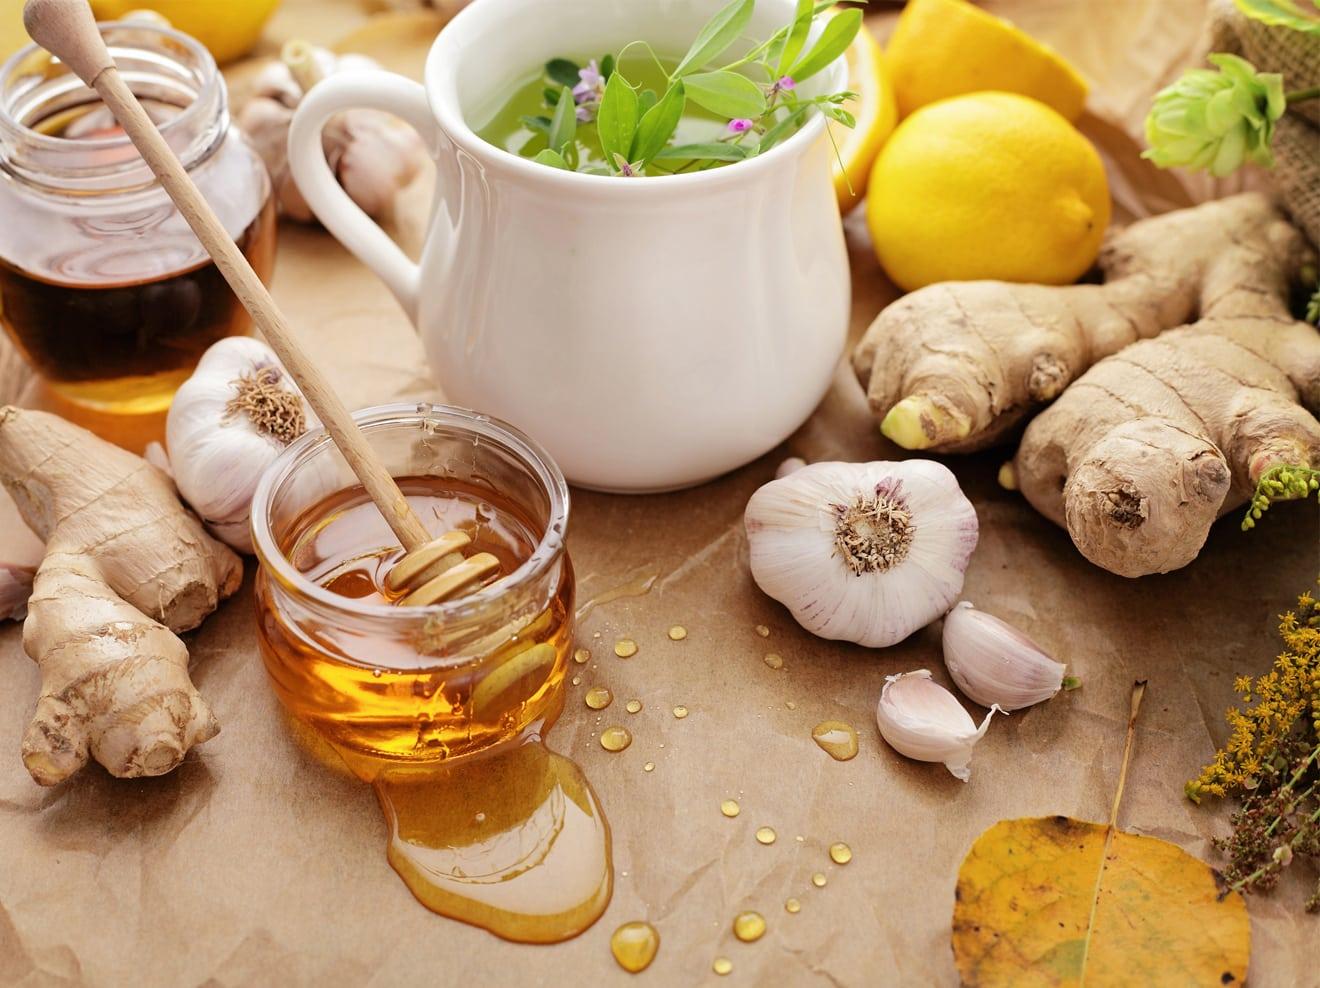 Die besten Hausmittel gegen Erkältungen